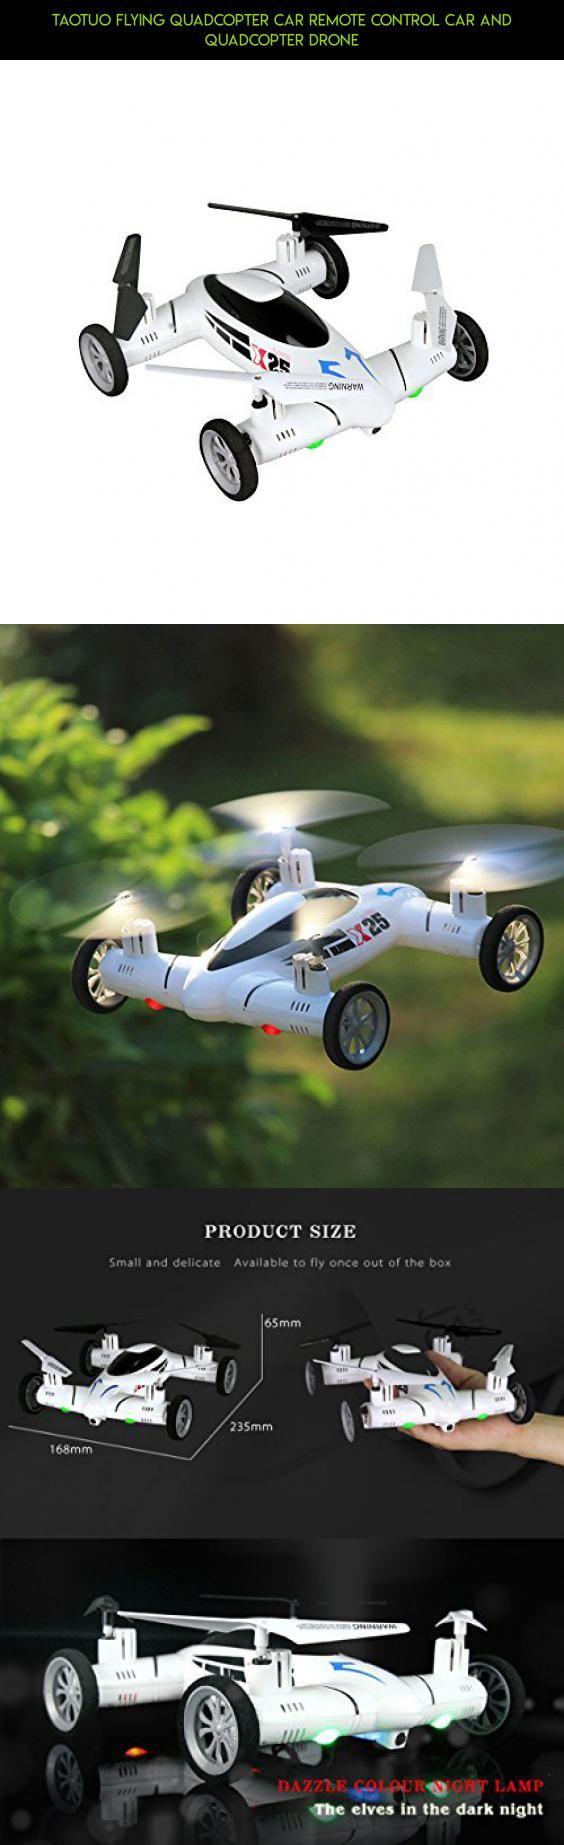 dronex pro lieferzeit